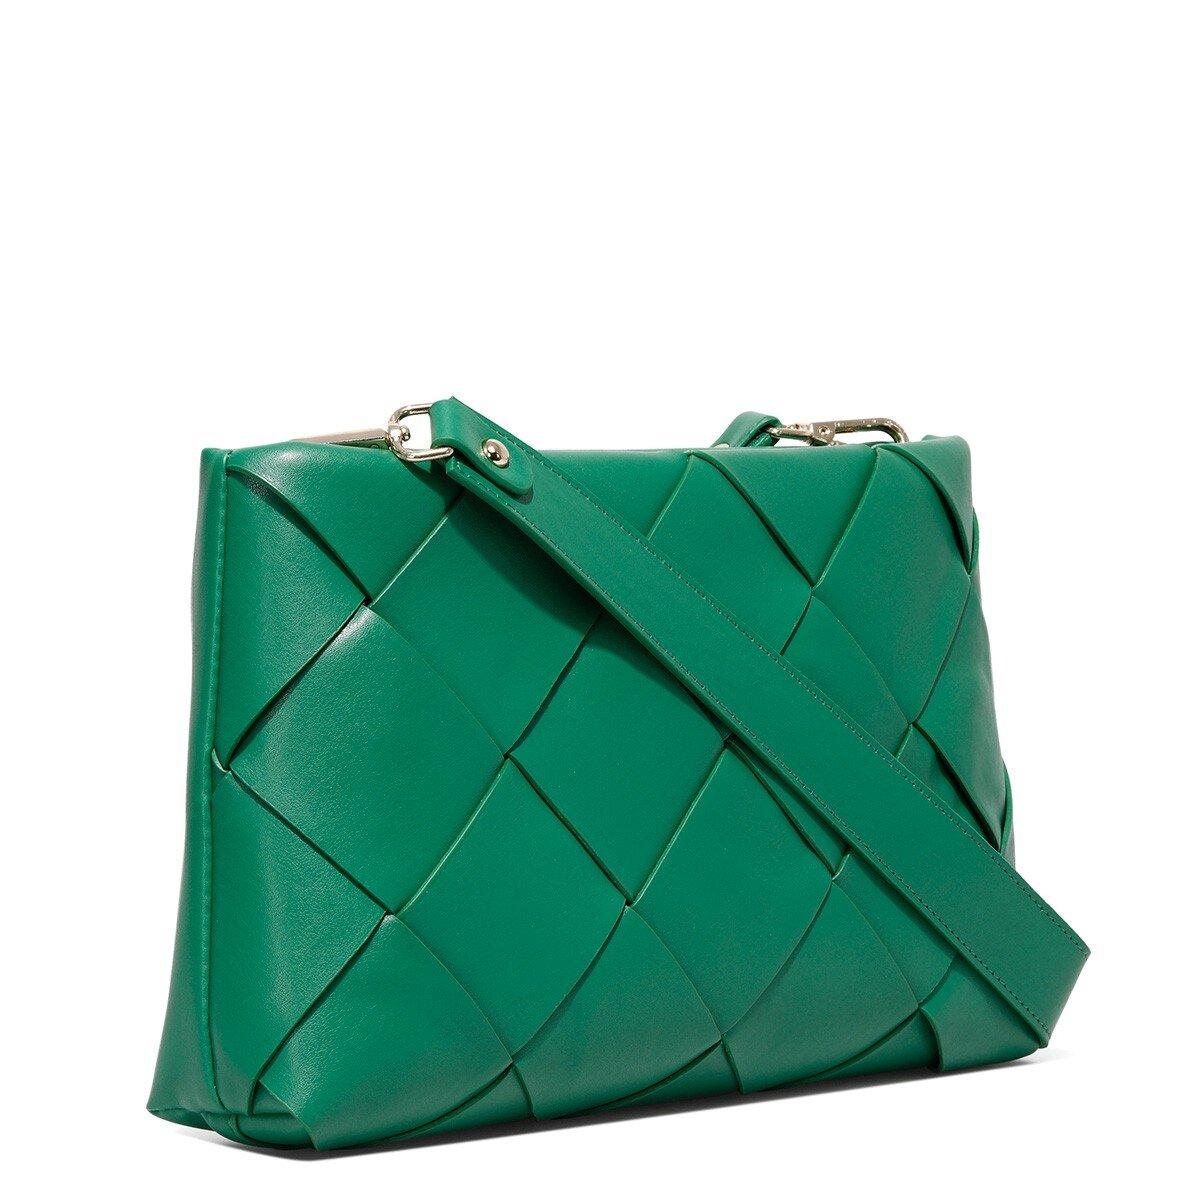 ALBANY 1FX Yeşil Kadın Clutch